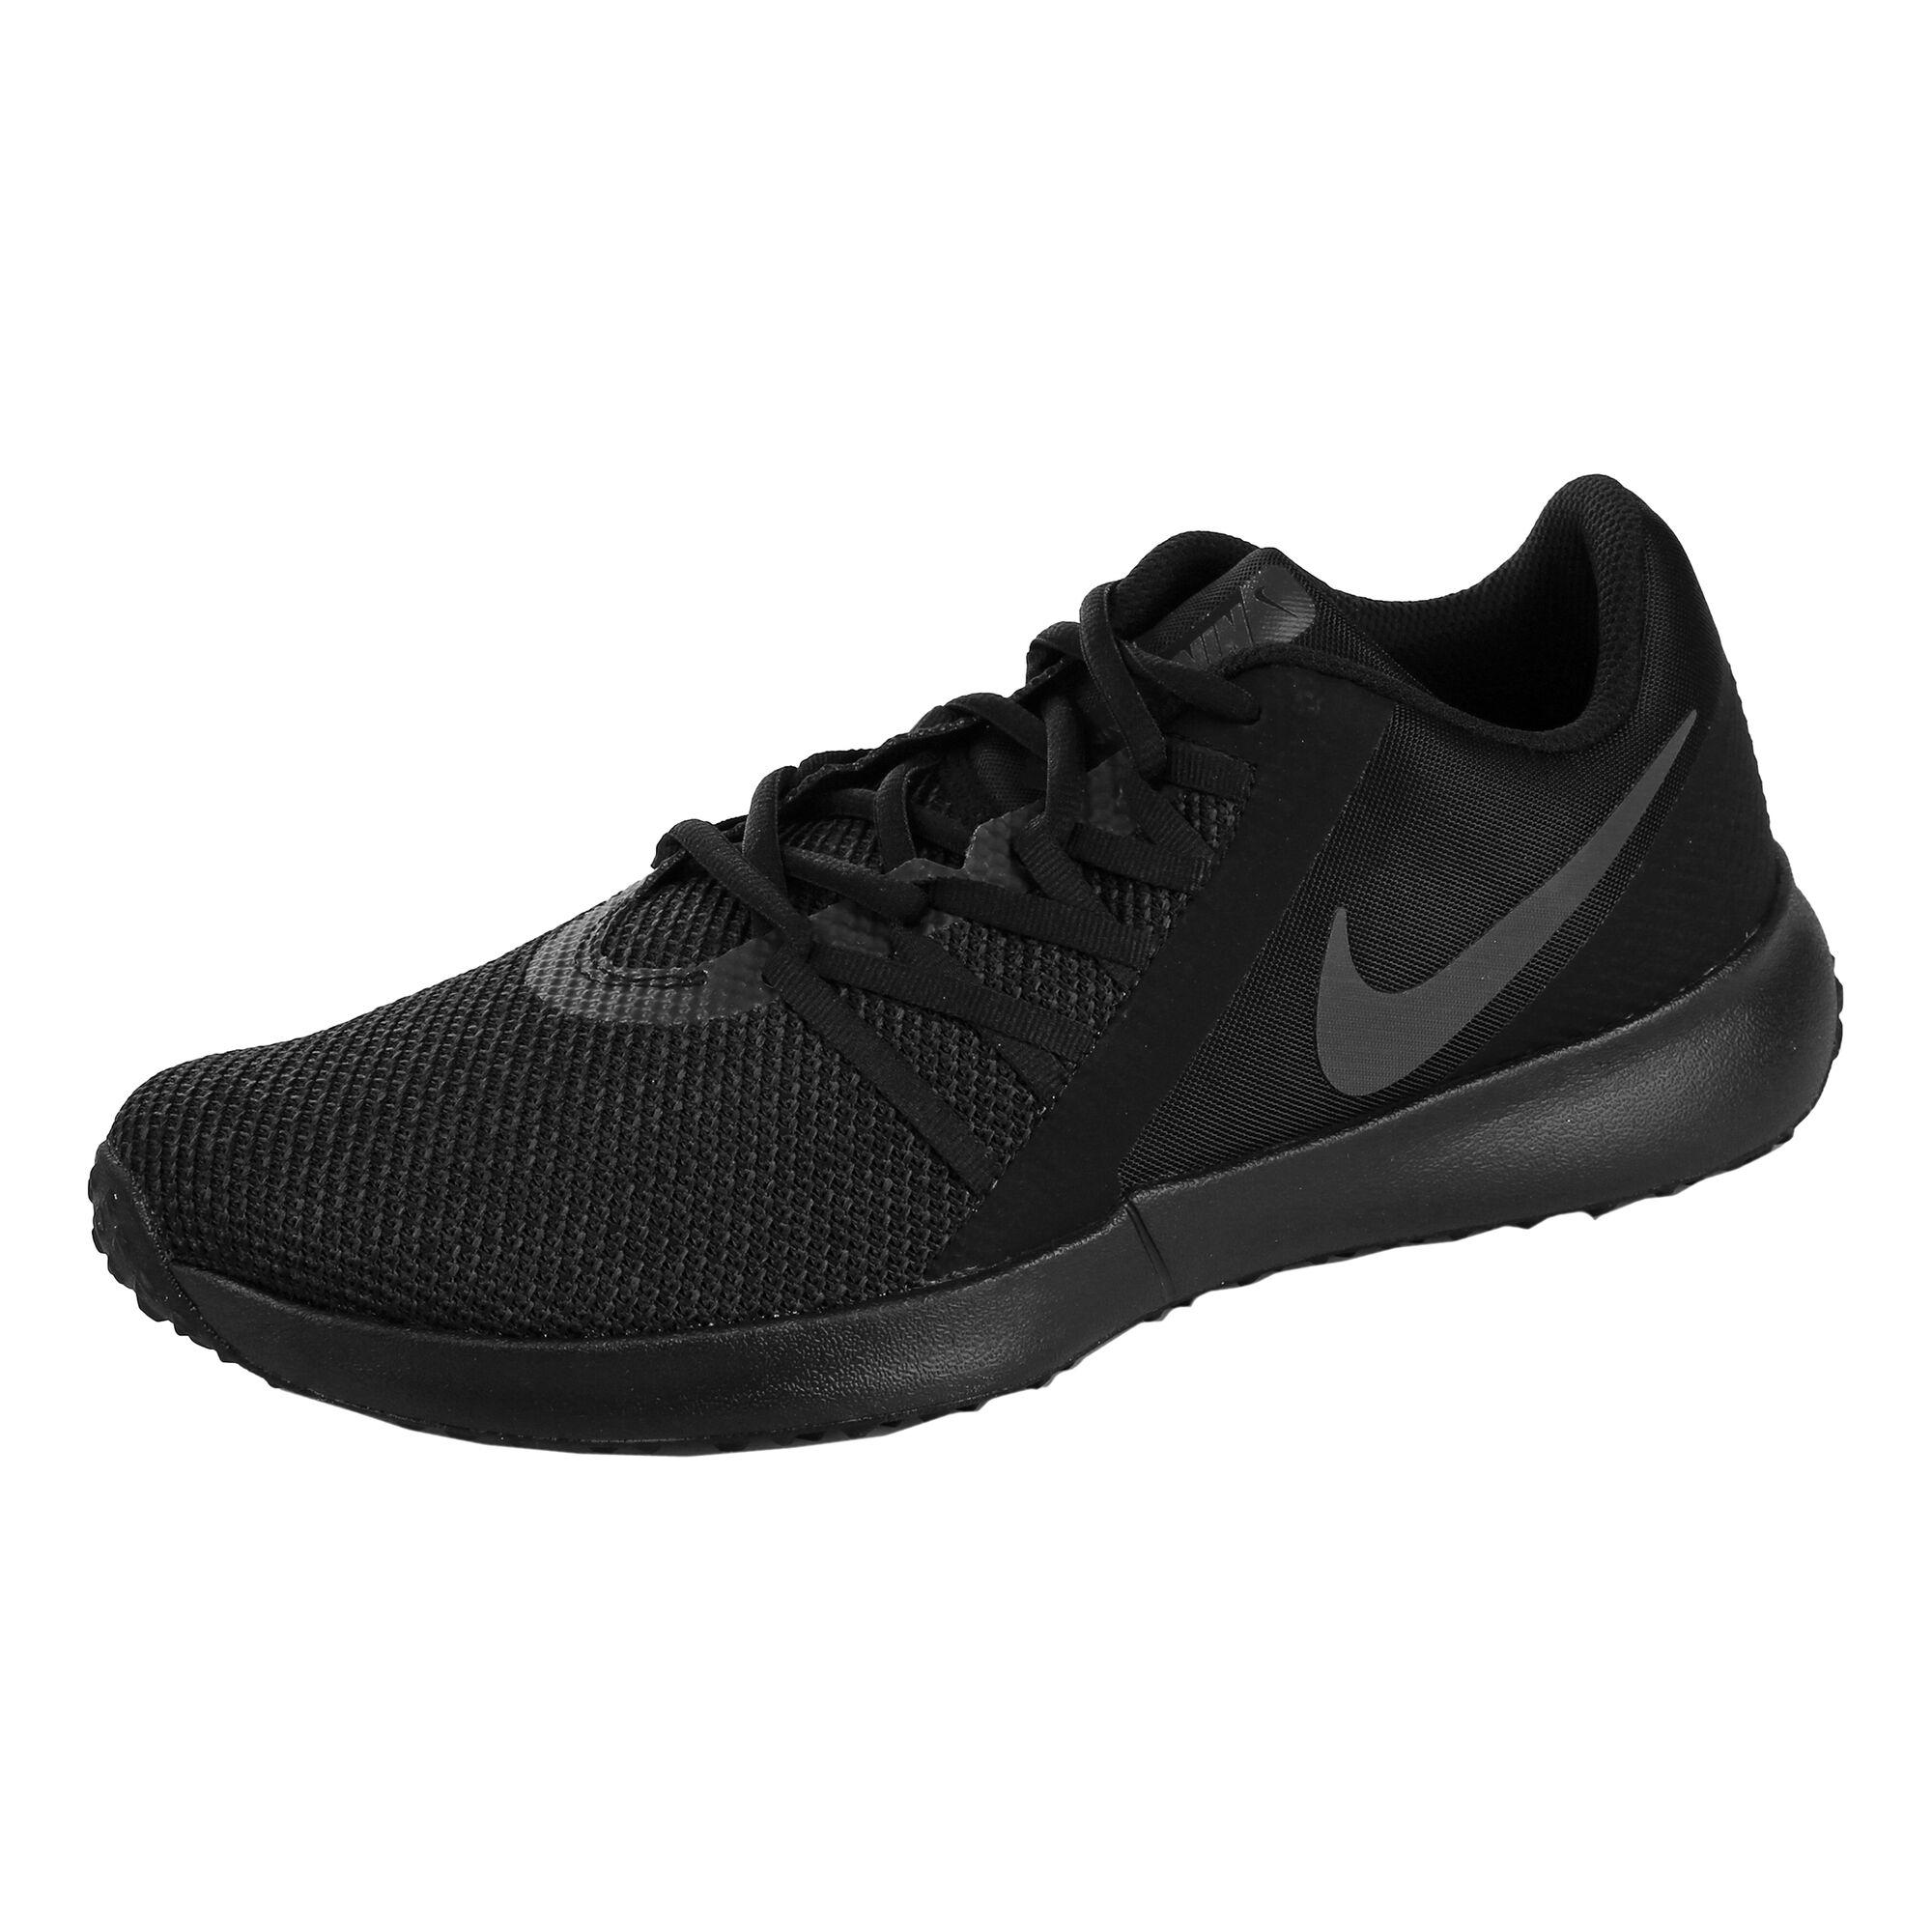 Nike · Nike · Nike · Nike · Nike. Varsity Compete ... 96313c0d5f